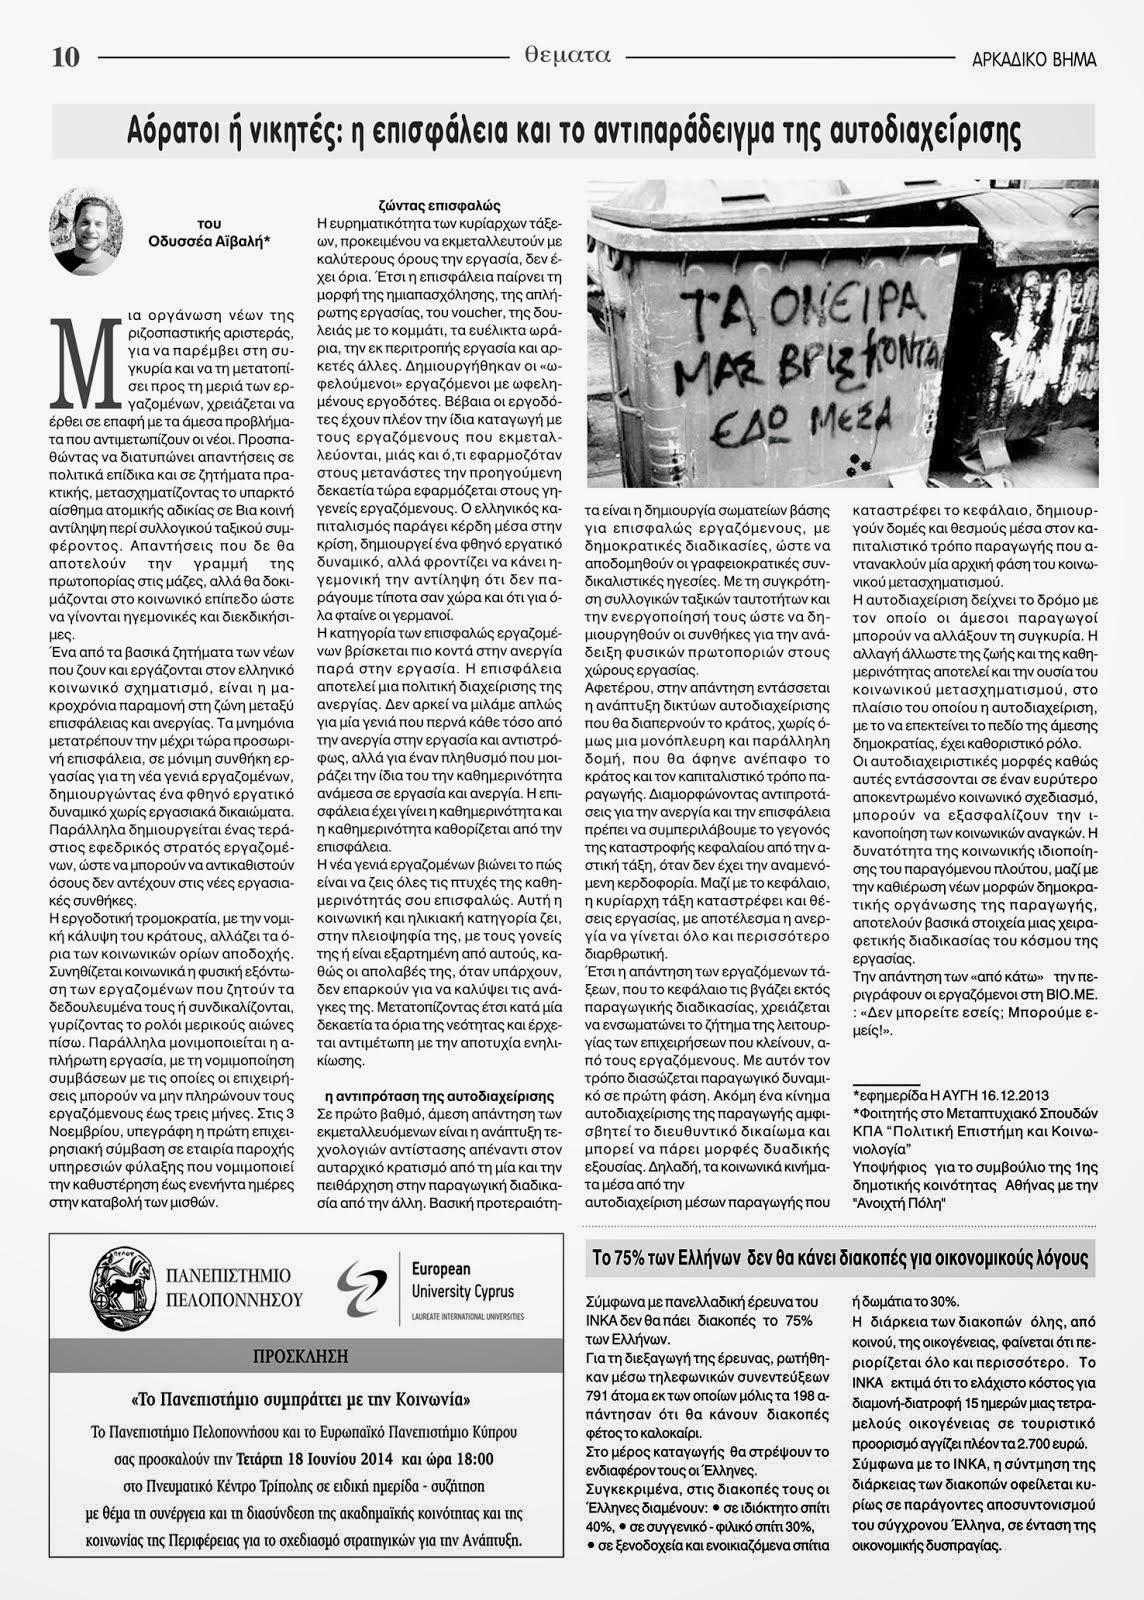 ΑΡΚΑΔΙΚΟ ΒΗΜΑ ΚΥΚΛΟΦΌΡΗΣΕ